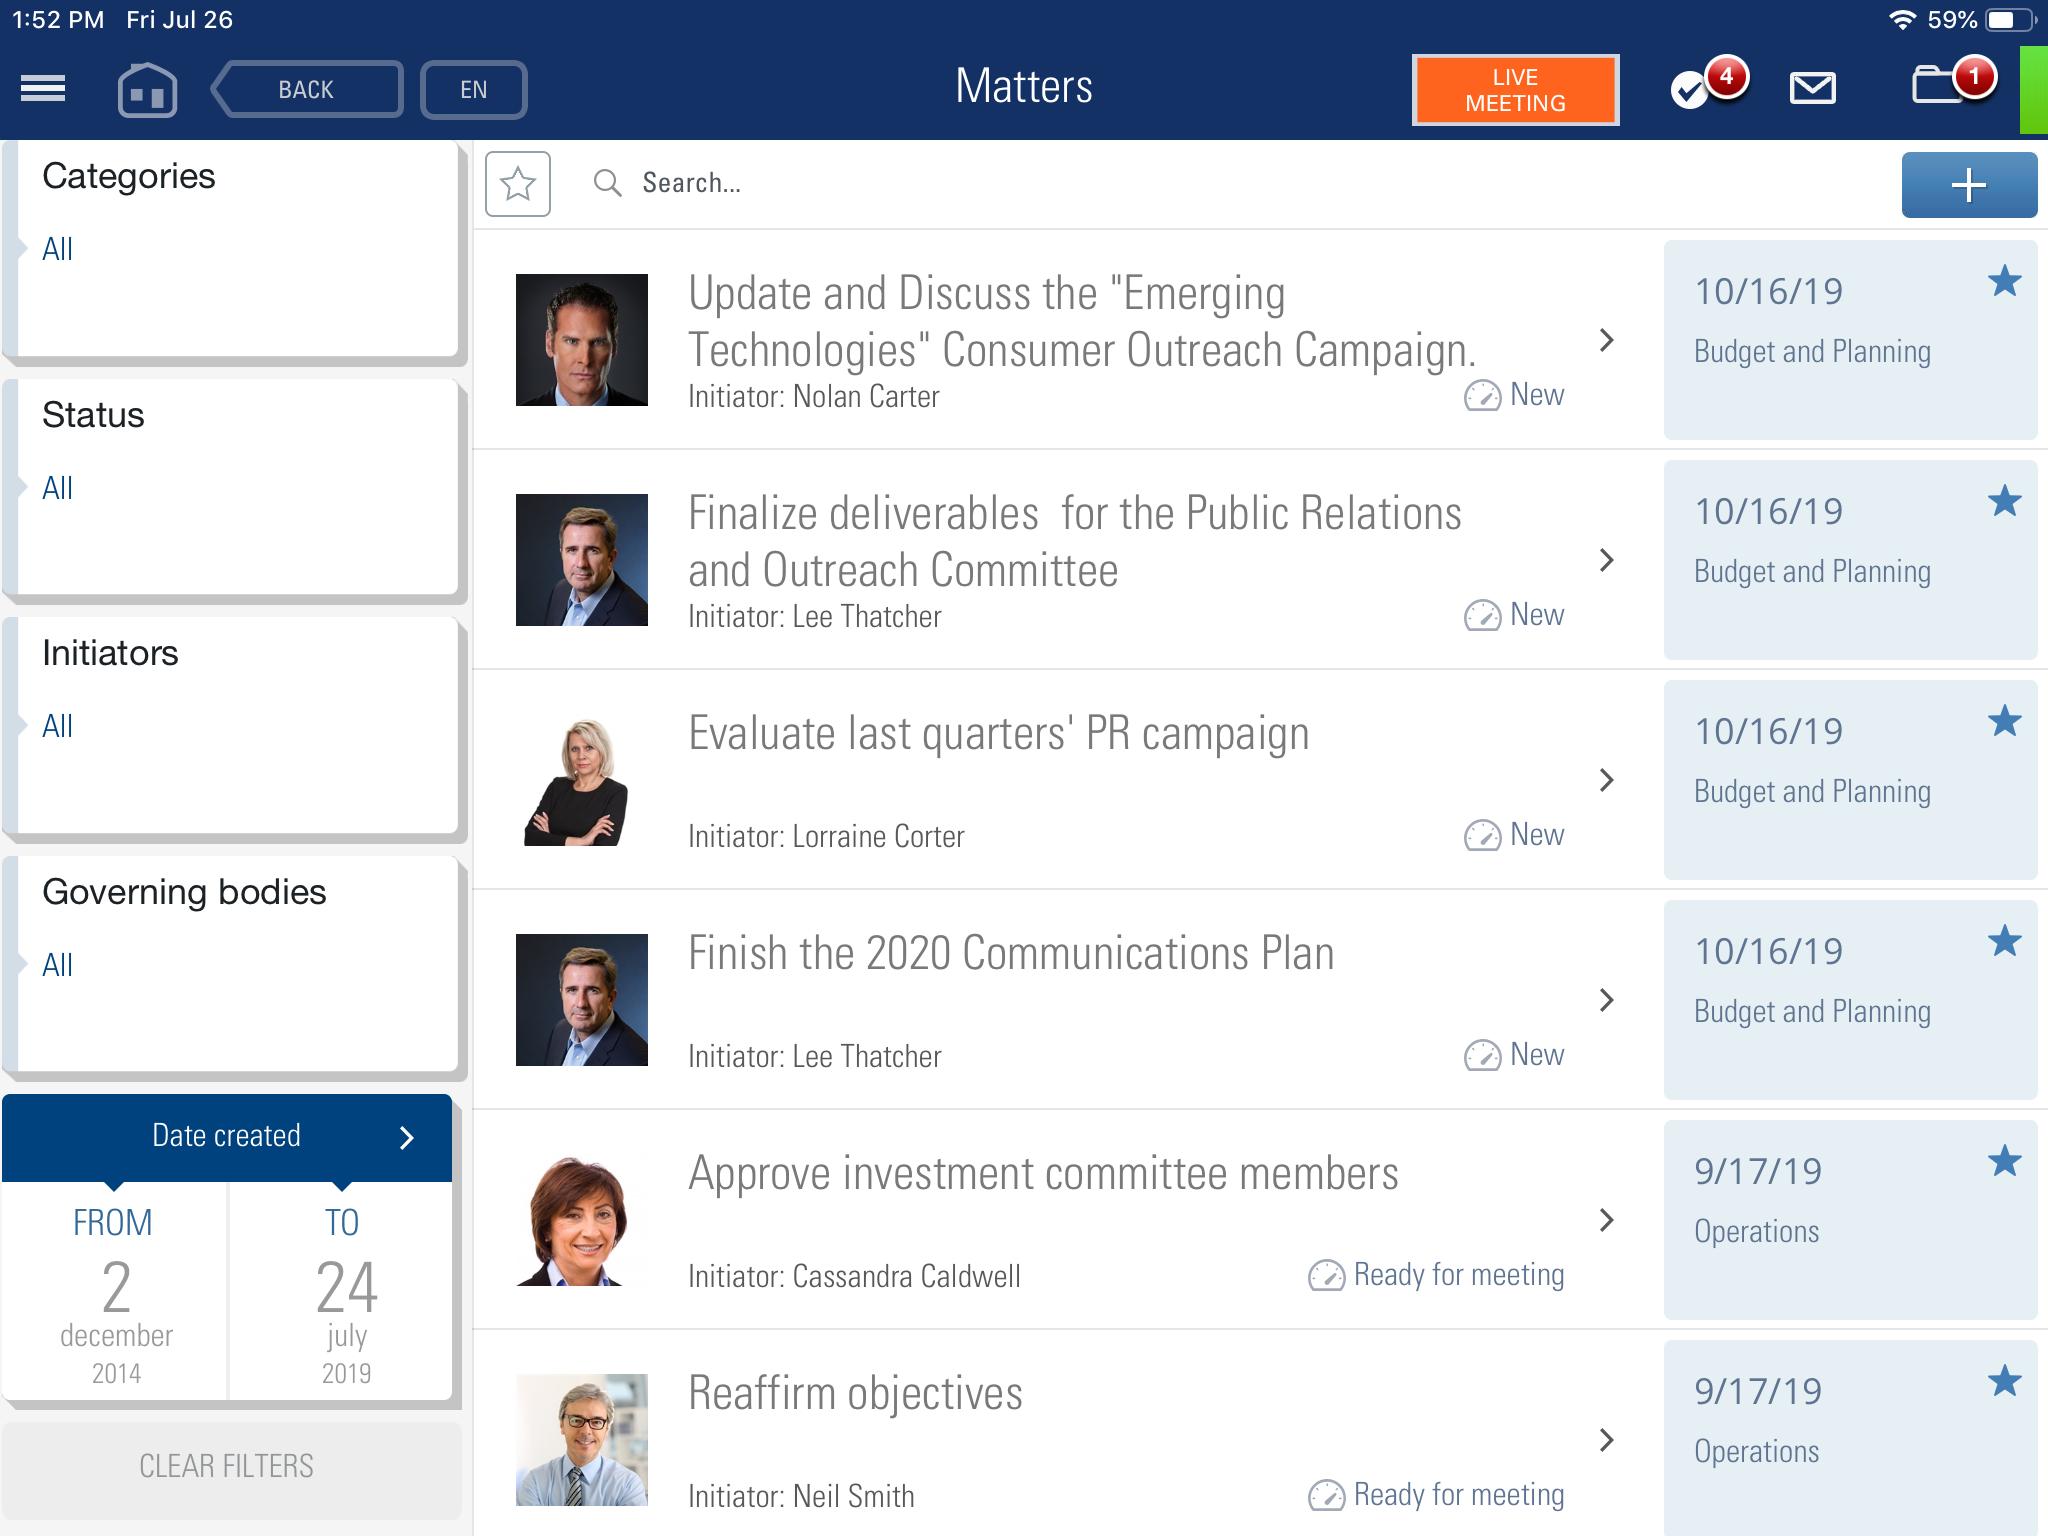 BoardMaps Software - BoardMaps meeting matters screenshot